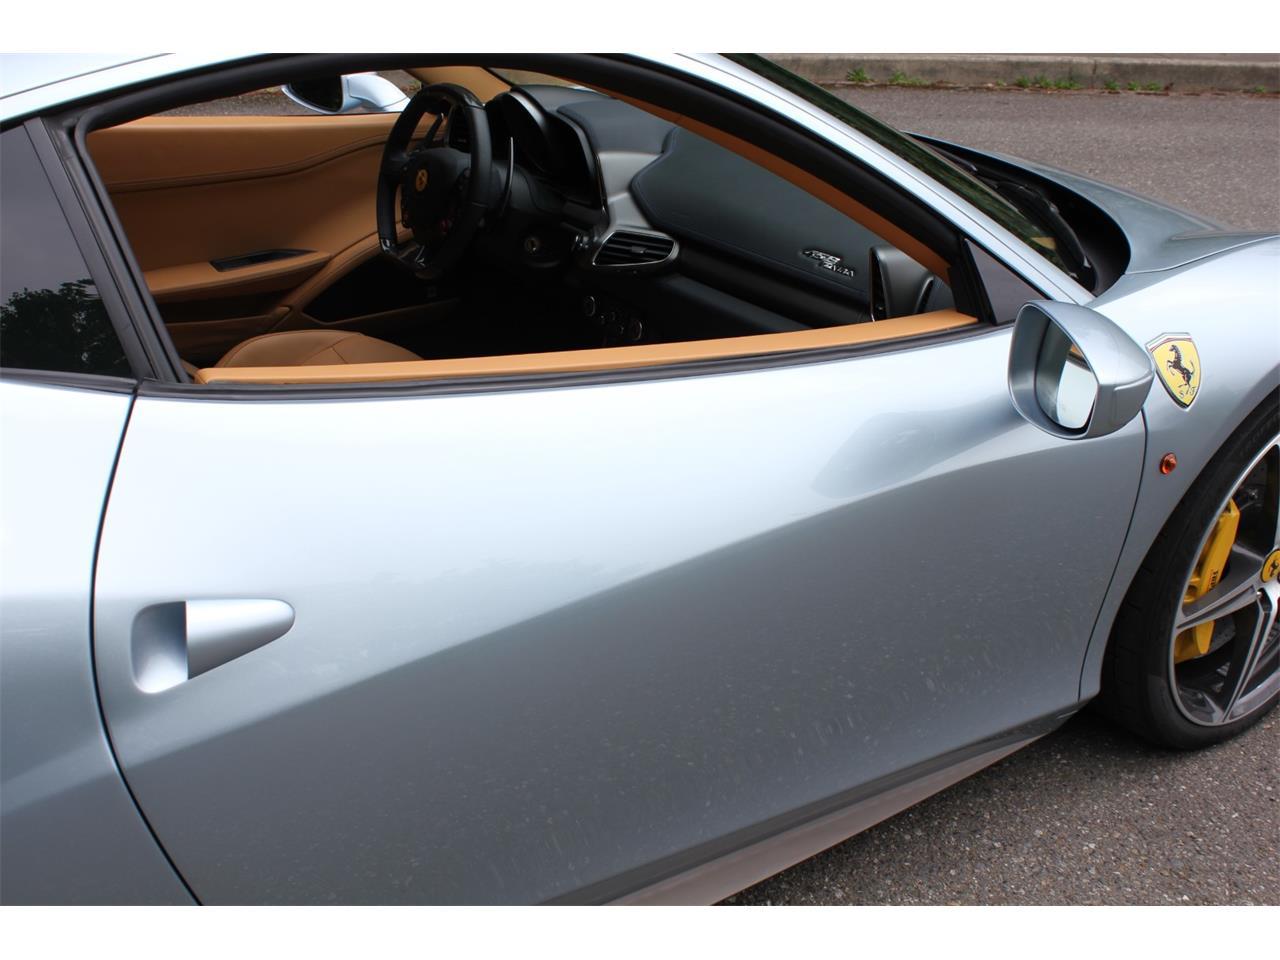 2011 Ferrari 458 (CC-1367608) for sale in Tacoma, Washington